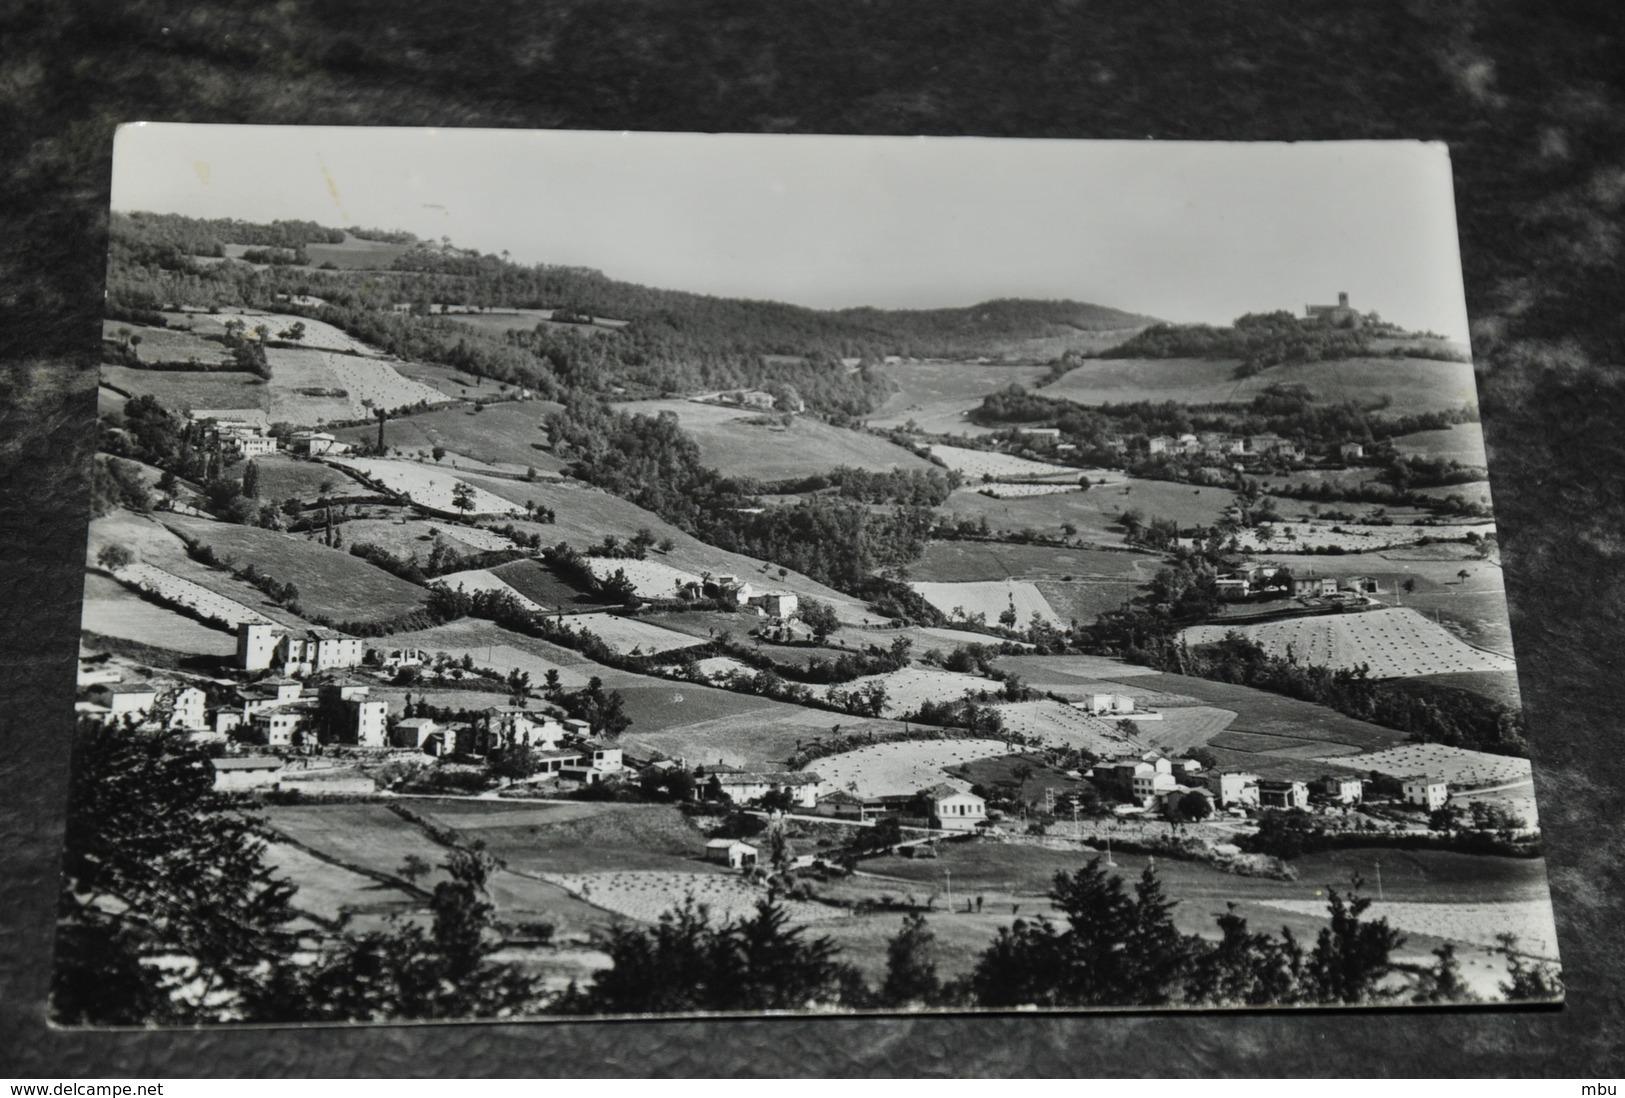 4125 CASTRIGANO VALLE  PARMA - Parma